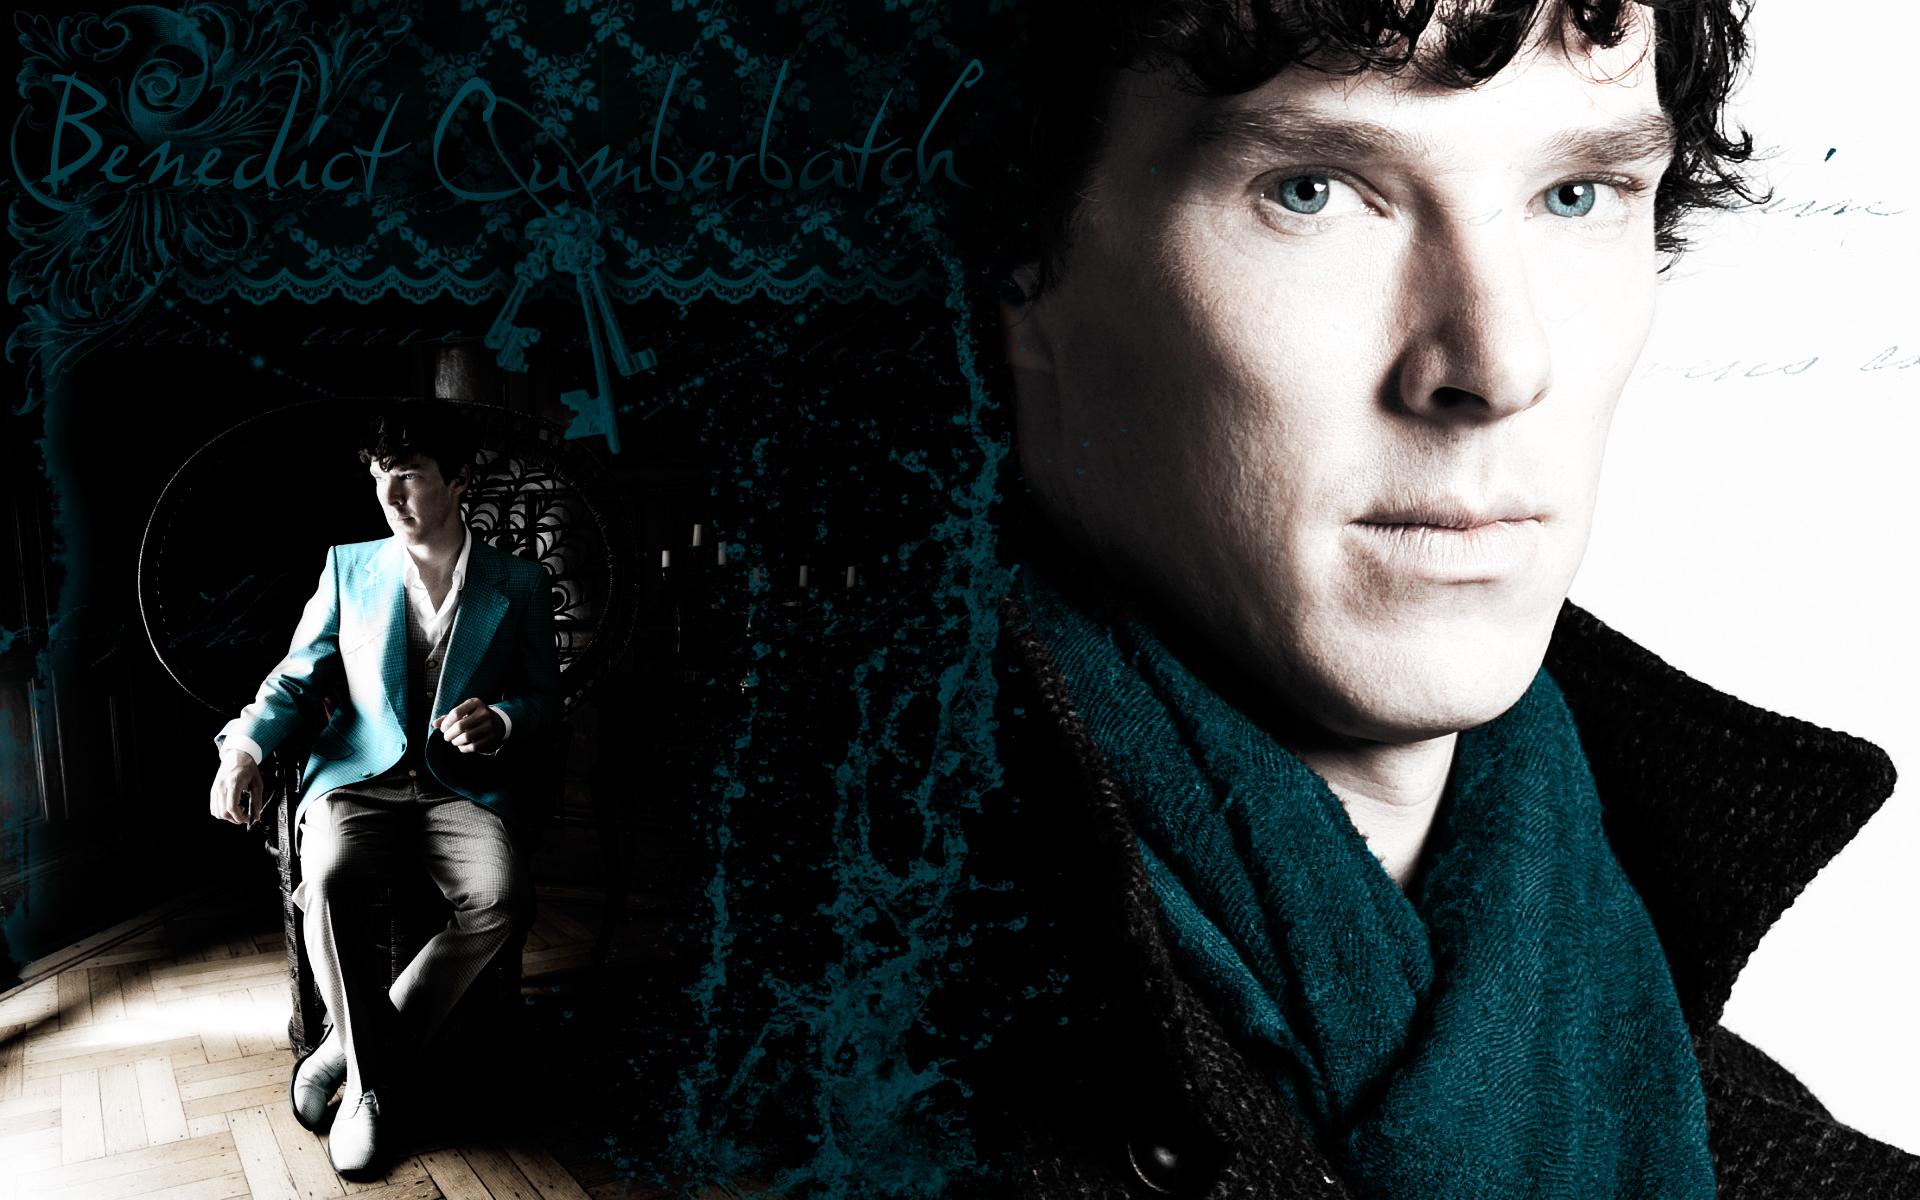 Benedict Cumberbatch 8771